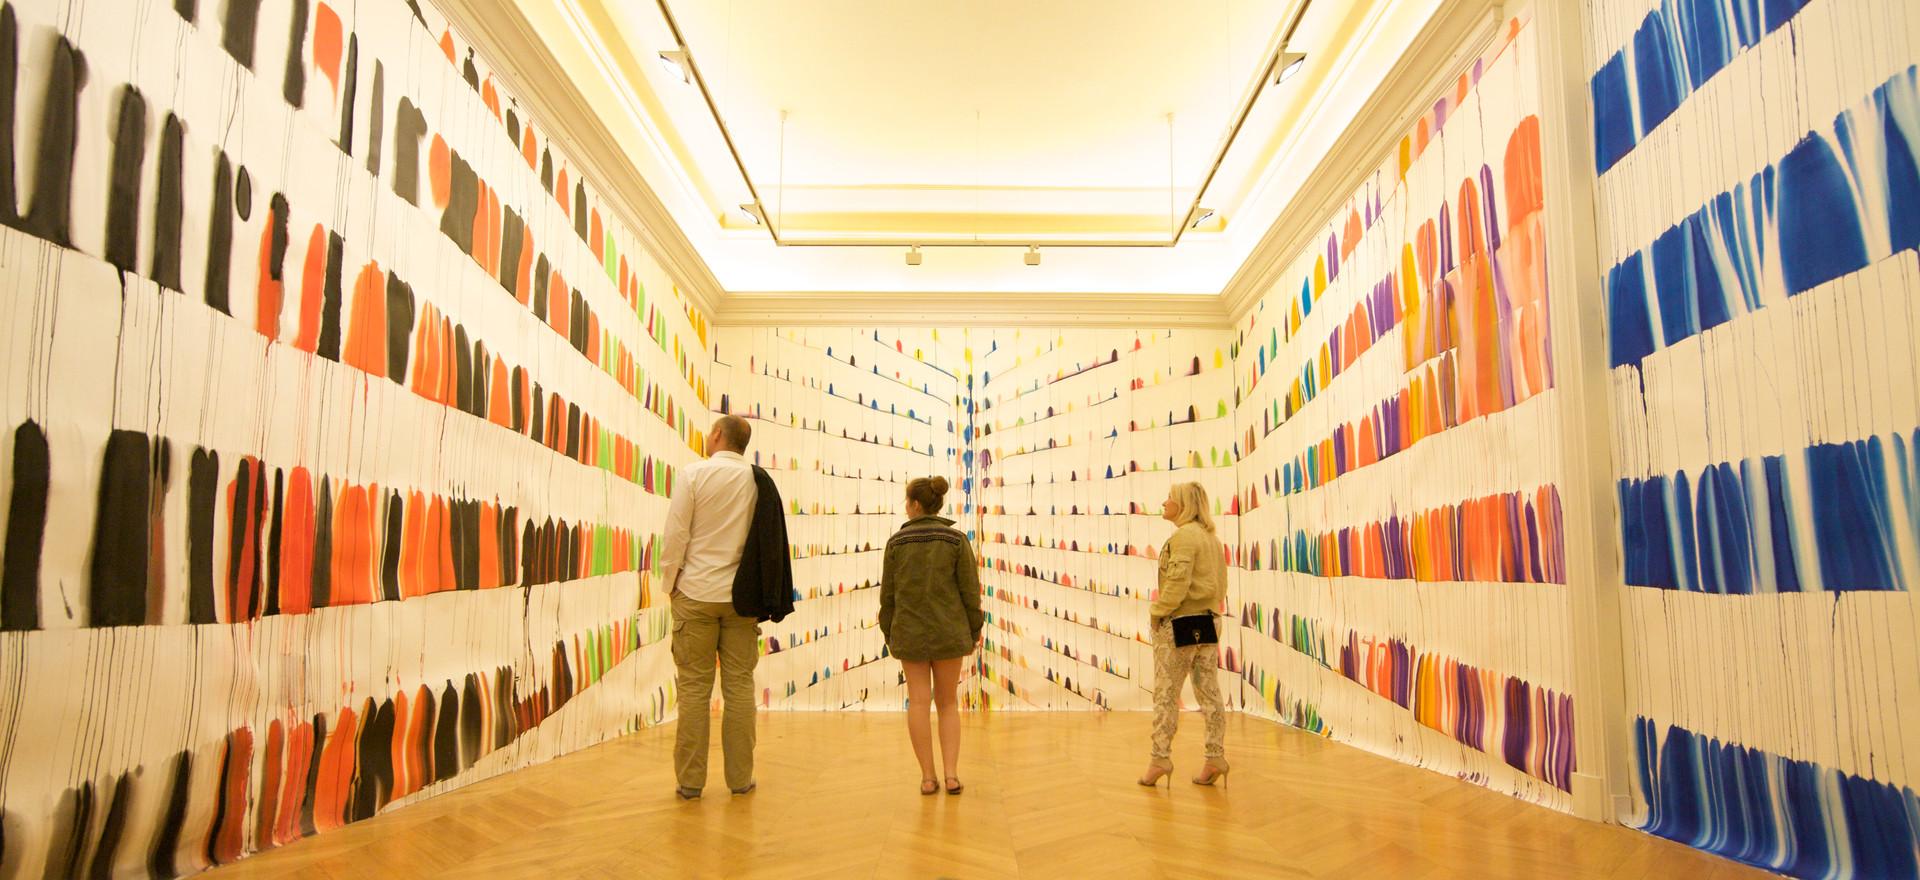 2013, Maison de l'Amérique Latine, Paris